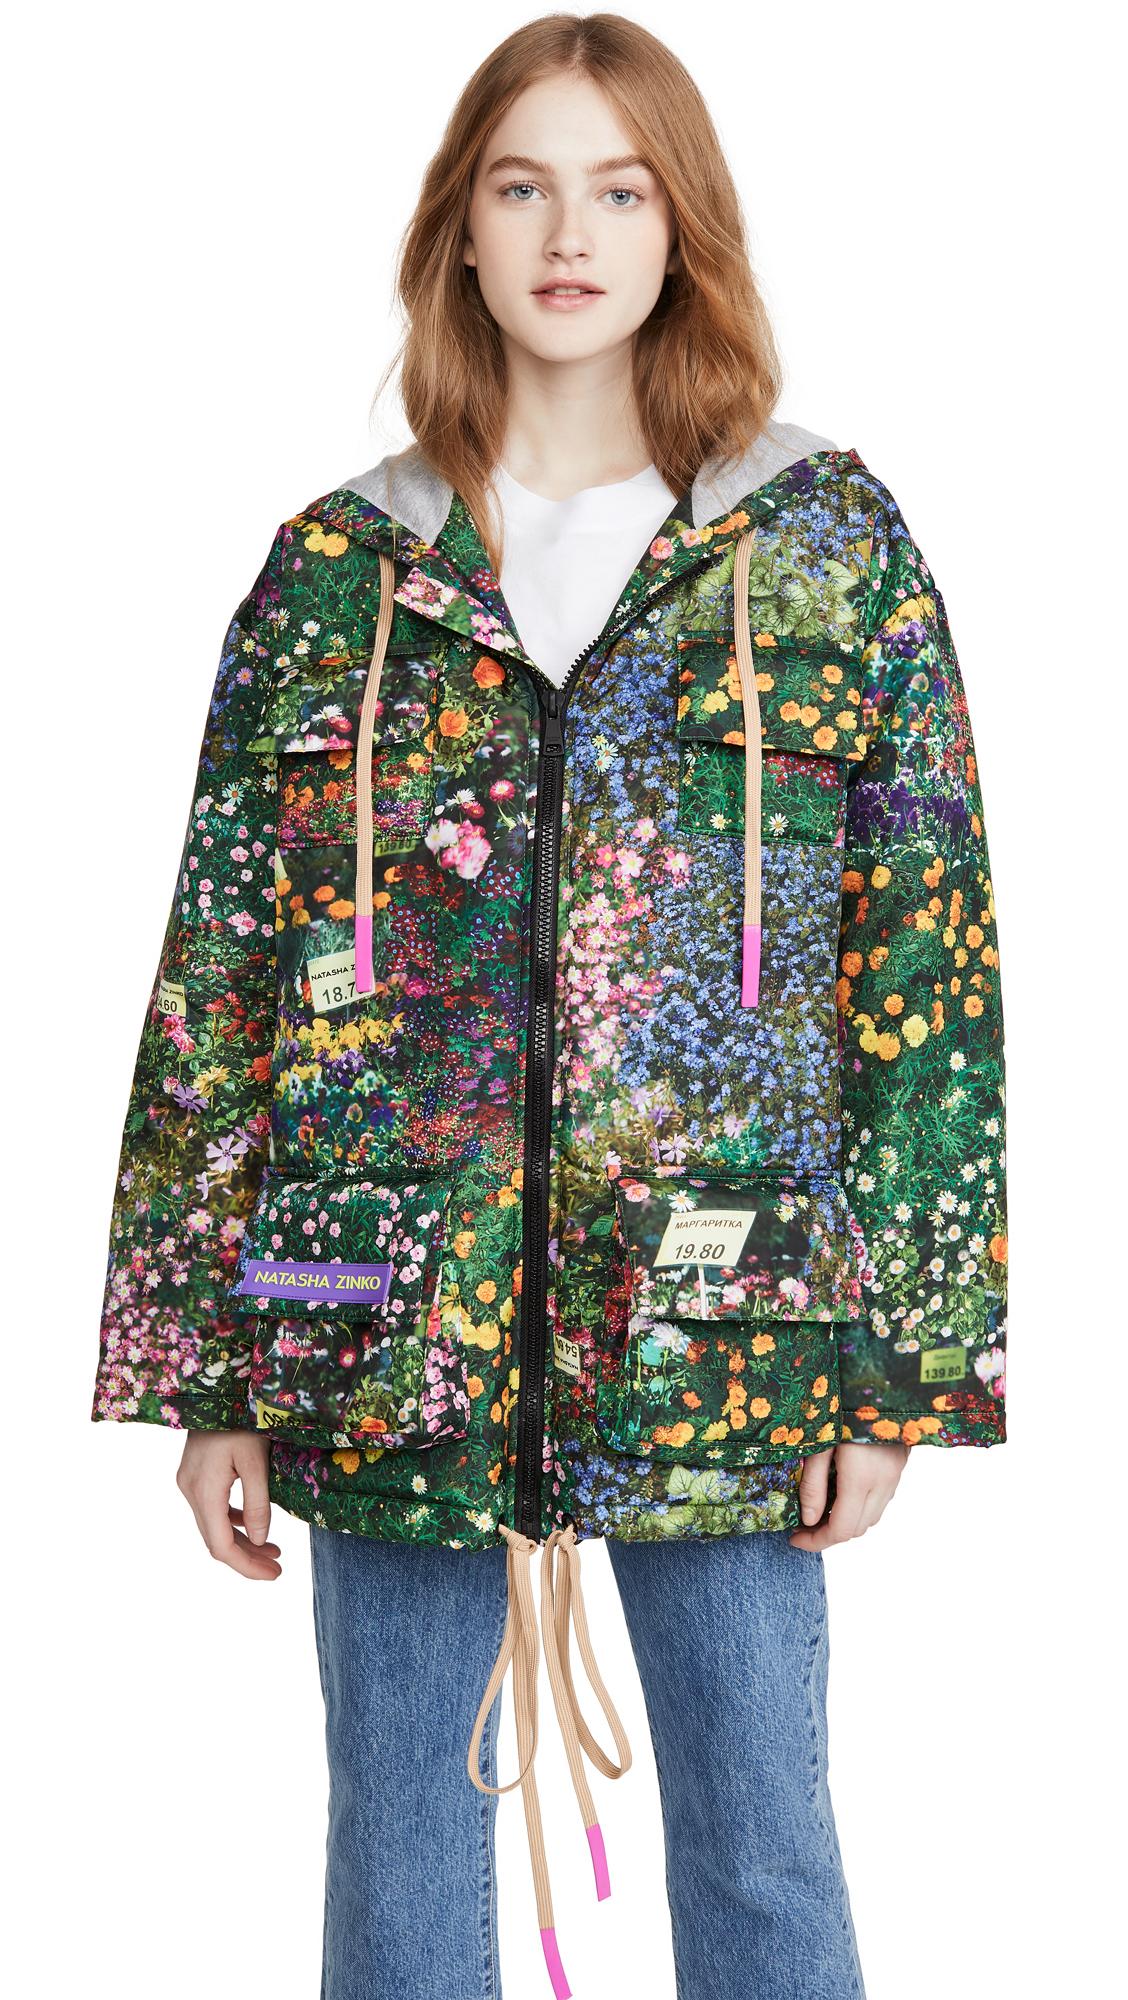 Buy Natasha Zinko Printed Hooded Badge Jacket online beautiful Natasha Zinko Jackets, Coats, Coats